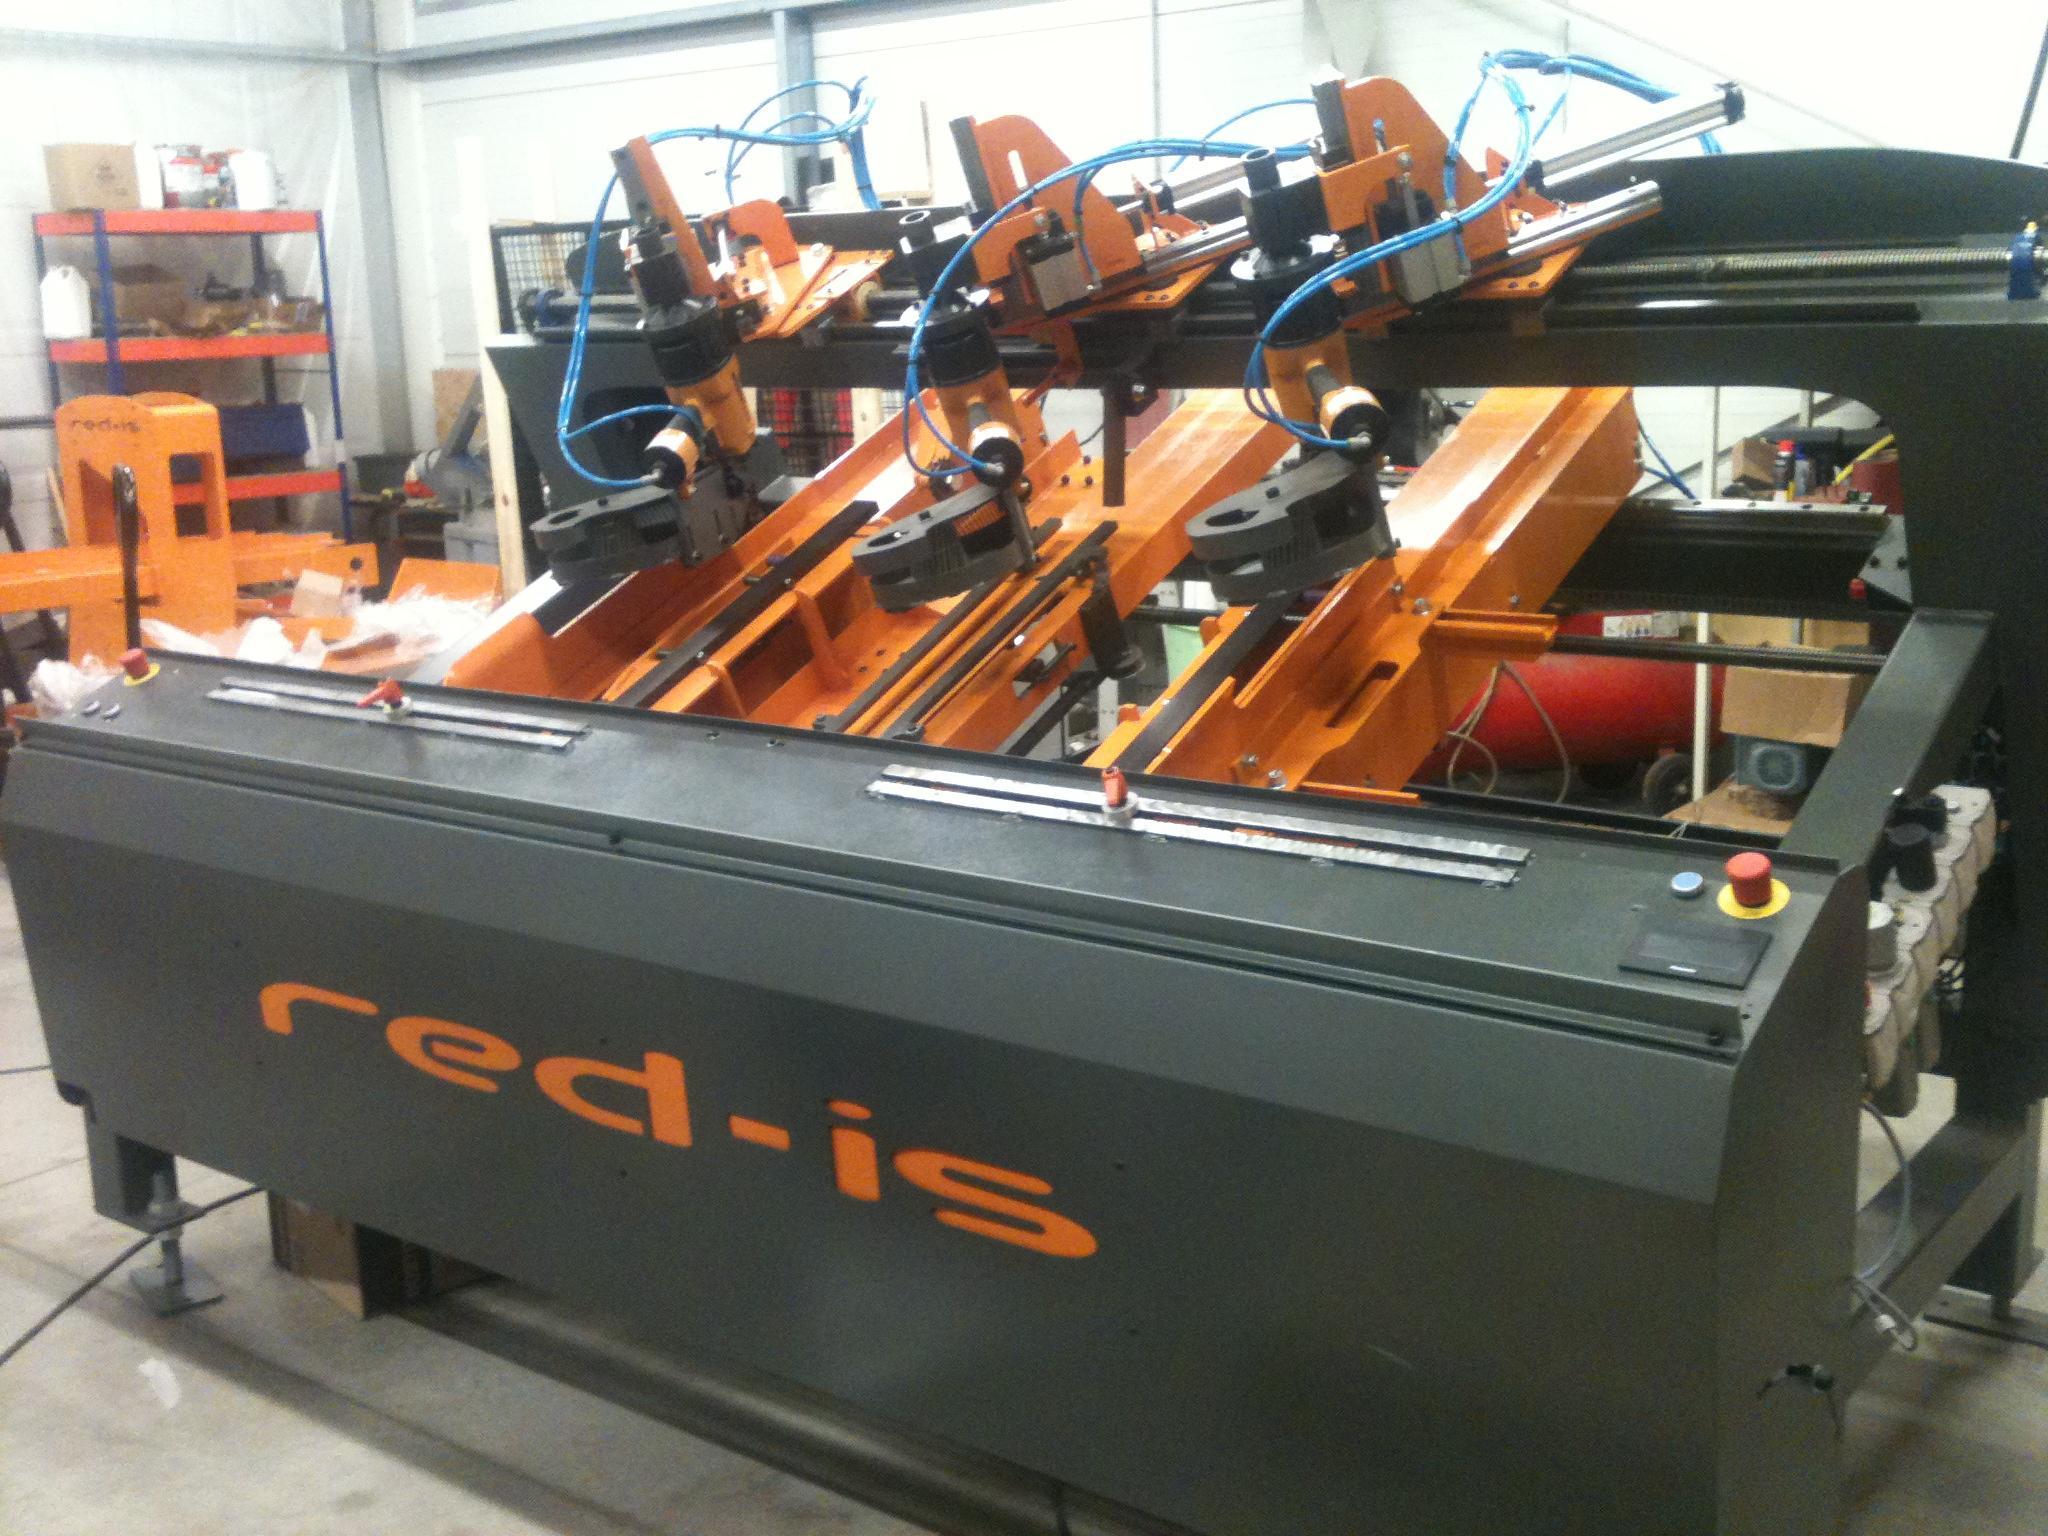 600 semelles heure 1 op rateur regardez les videos - Machine de fabrication de couette ...